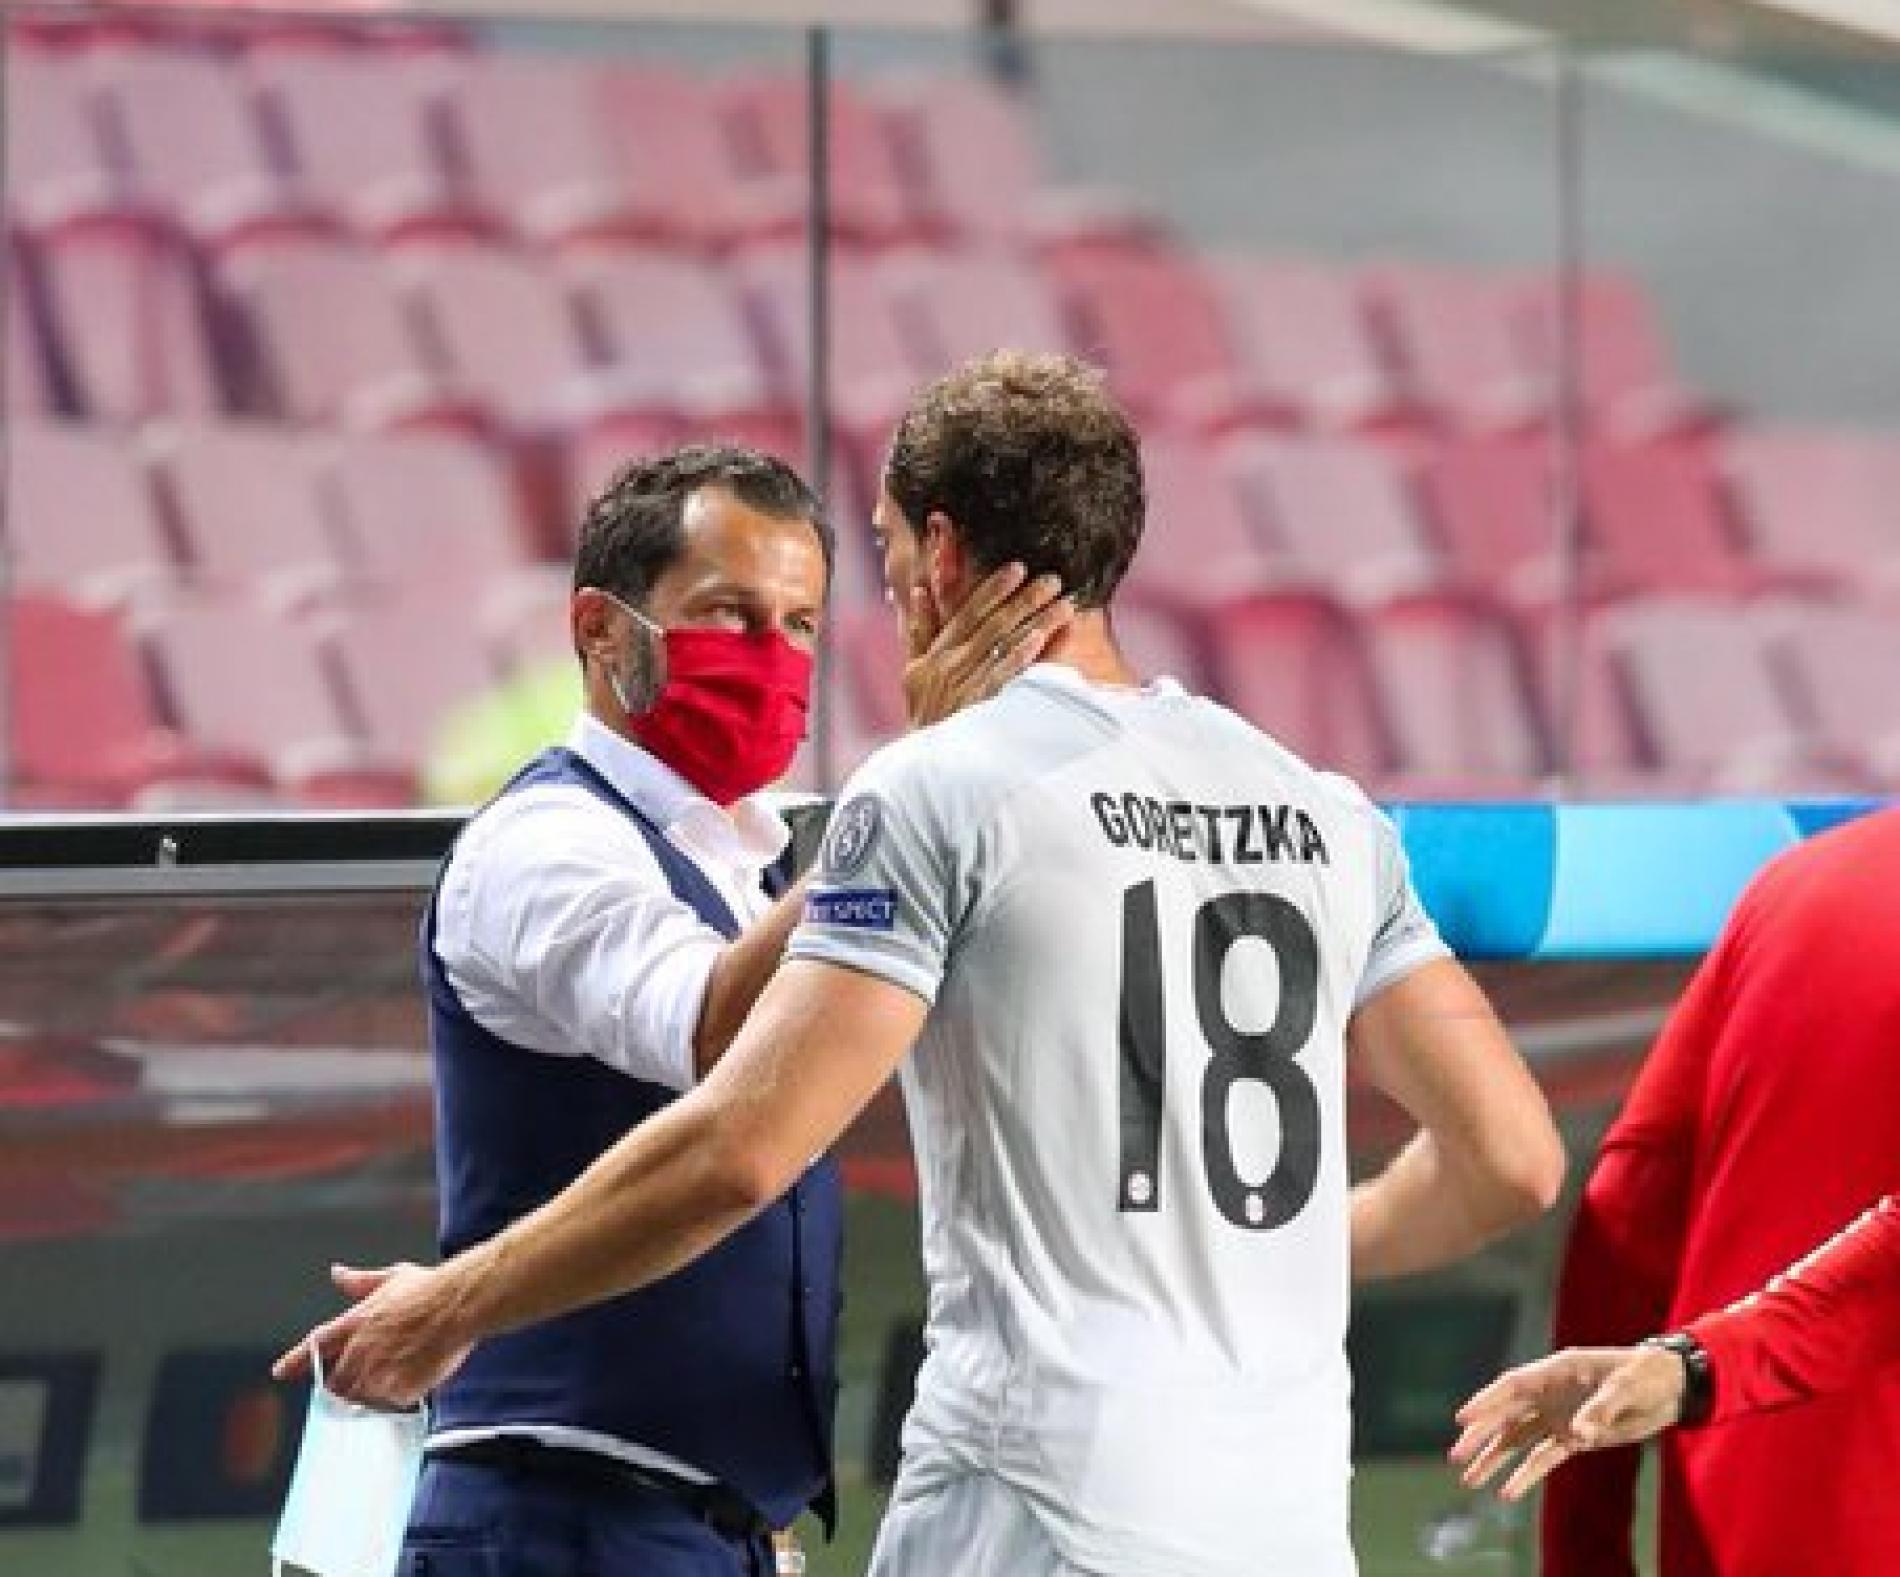 Tvorac odličnog tima: Hasan Salihamidžić, glavni junak Bayerna